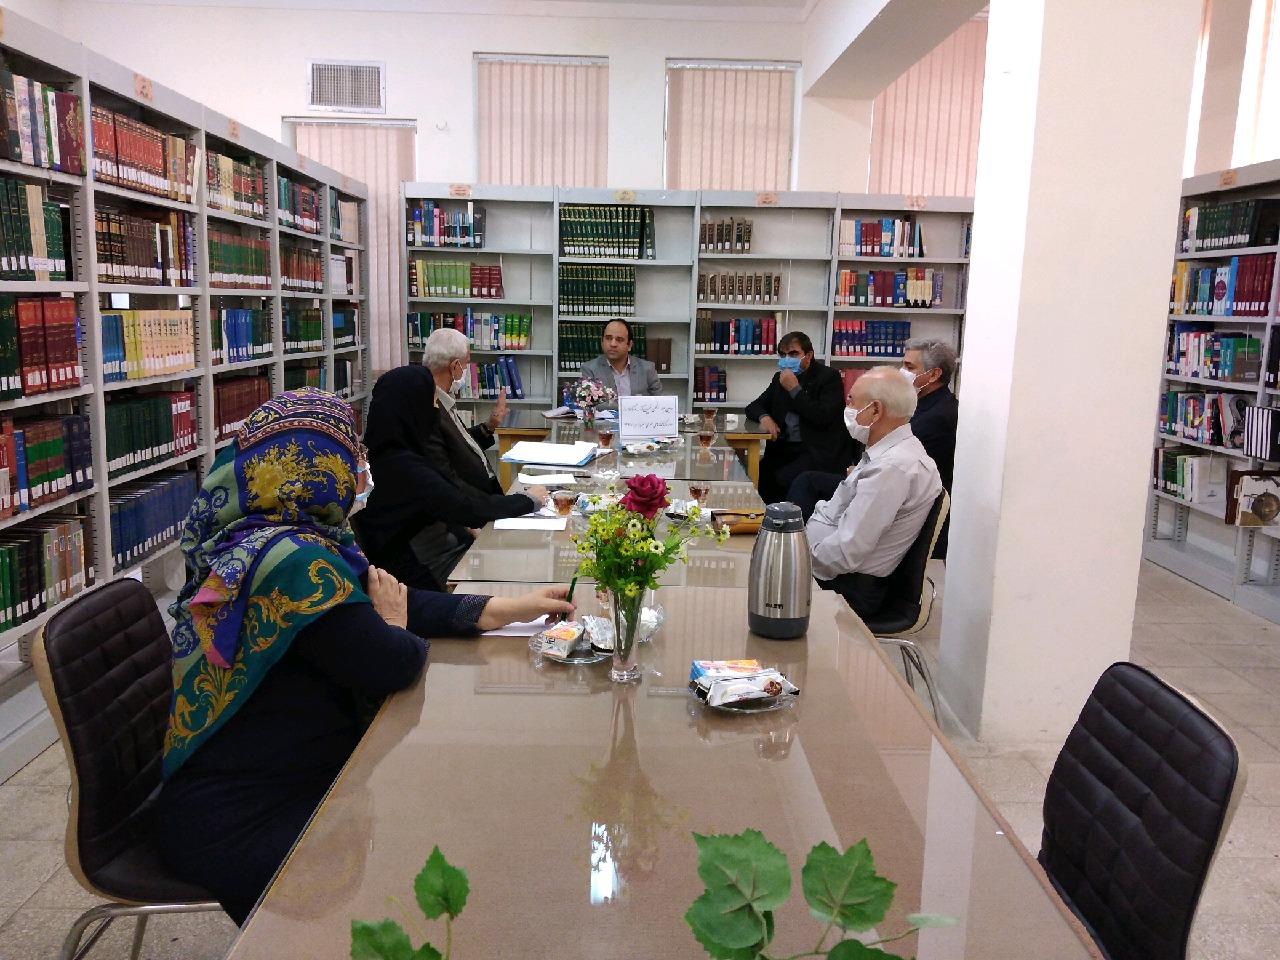 دومین جلسه اعضای هیئت مدیره انجمن خیرین کتابخانه ساز شهرستان سبزواردر راستای  عملیاتی شدن مراحل ساخت کتابخانه شهدای گمنام